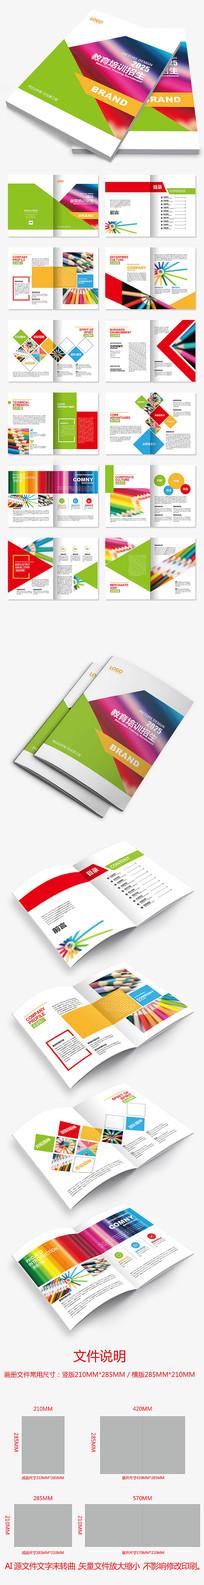 彩色创意文具儿童教育培训早教画册